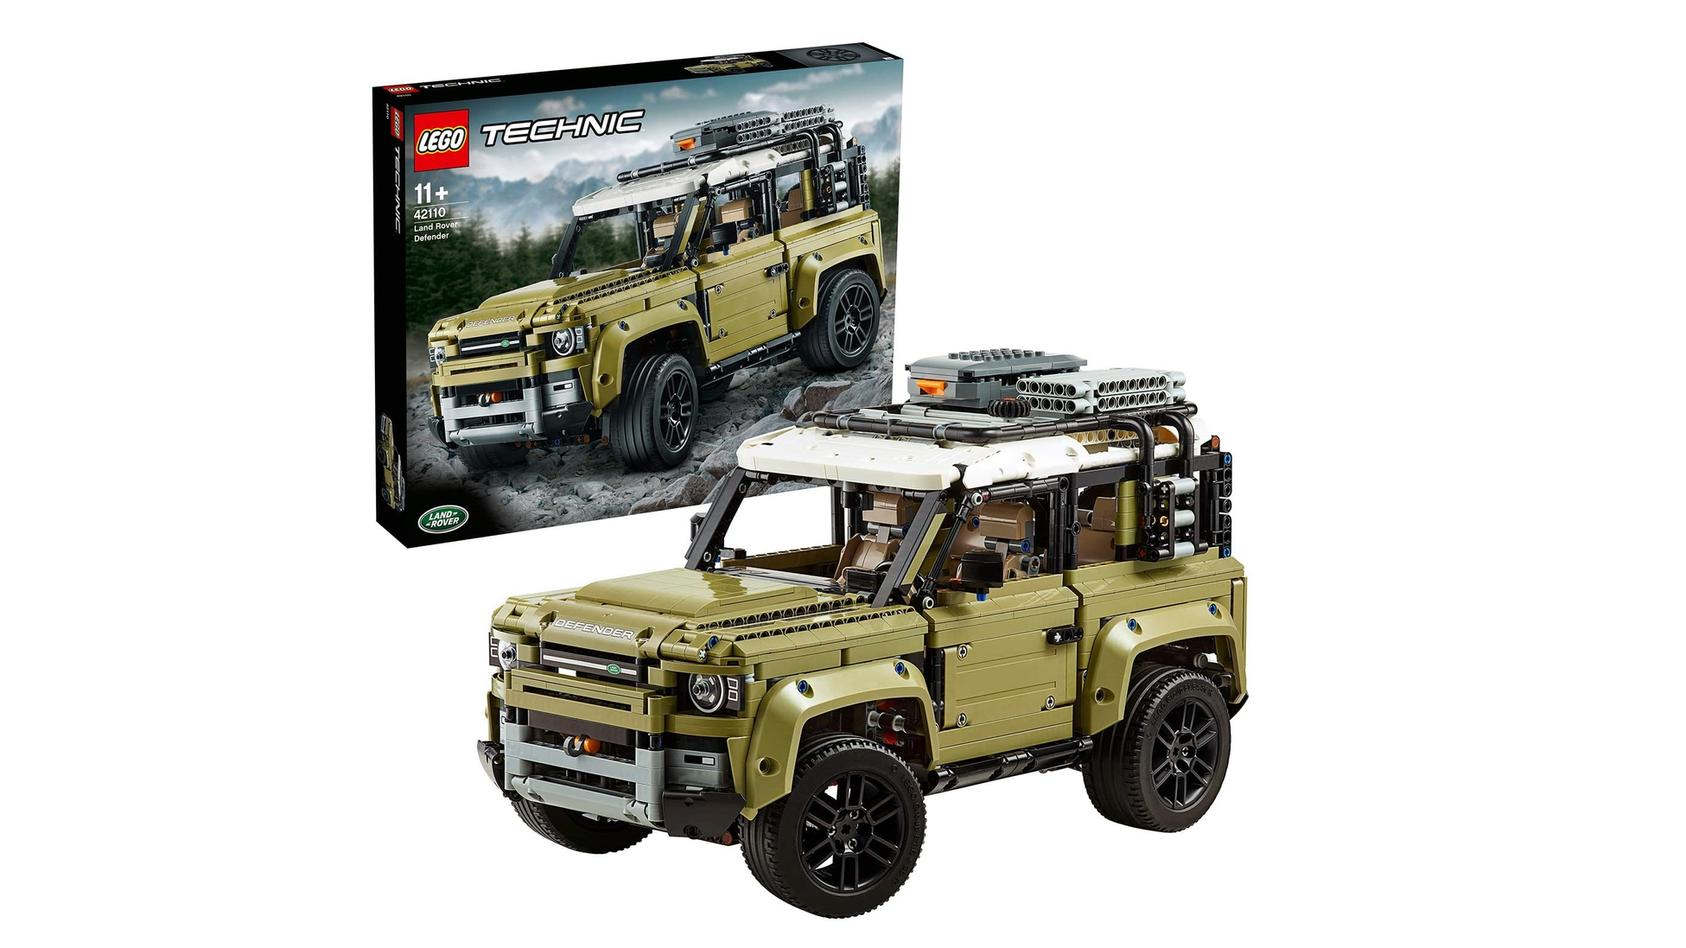 Media Markt-Schnäppchen: Der Land Rover Defender von Lego Technik kostet am 20. Mai nur 109 statt 179 Euro.